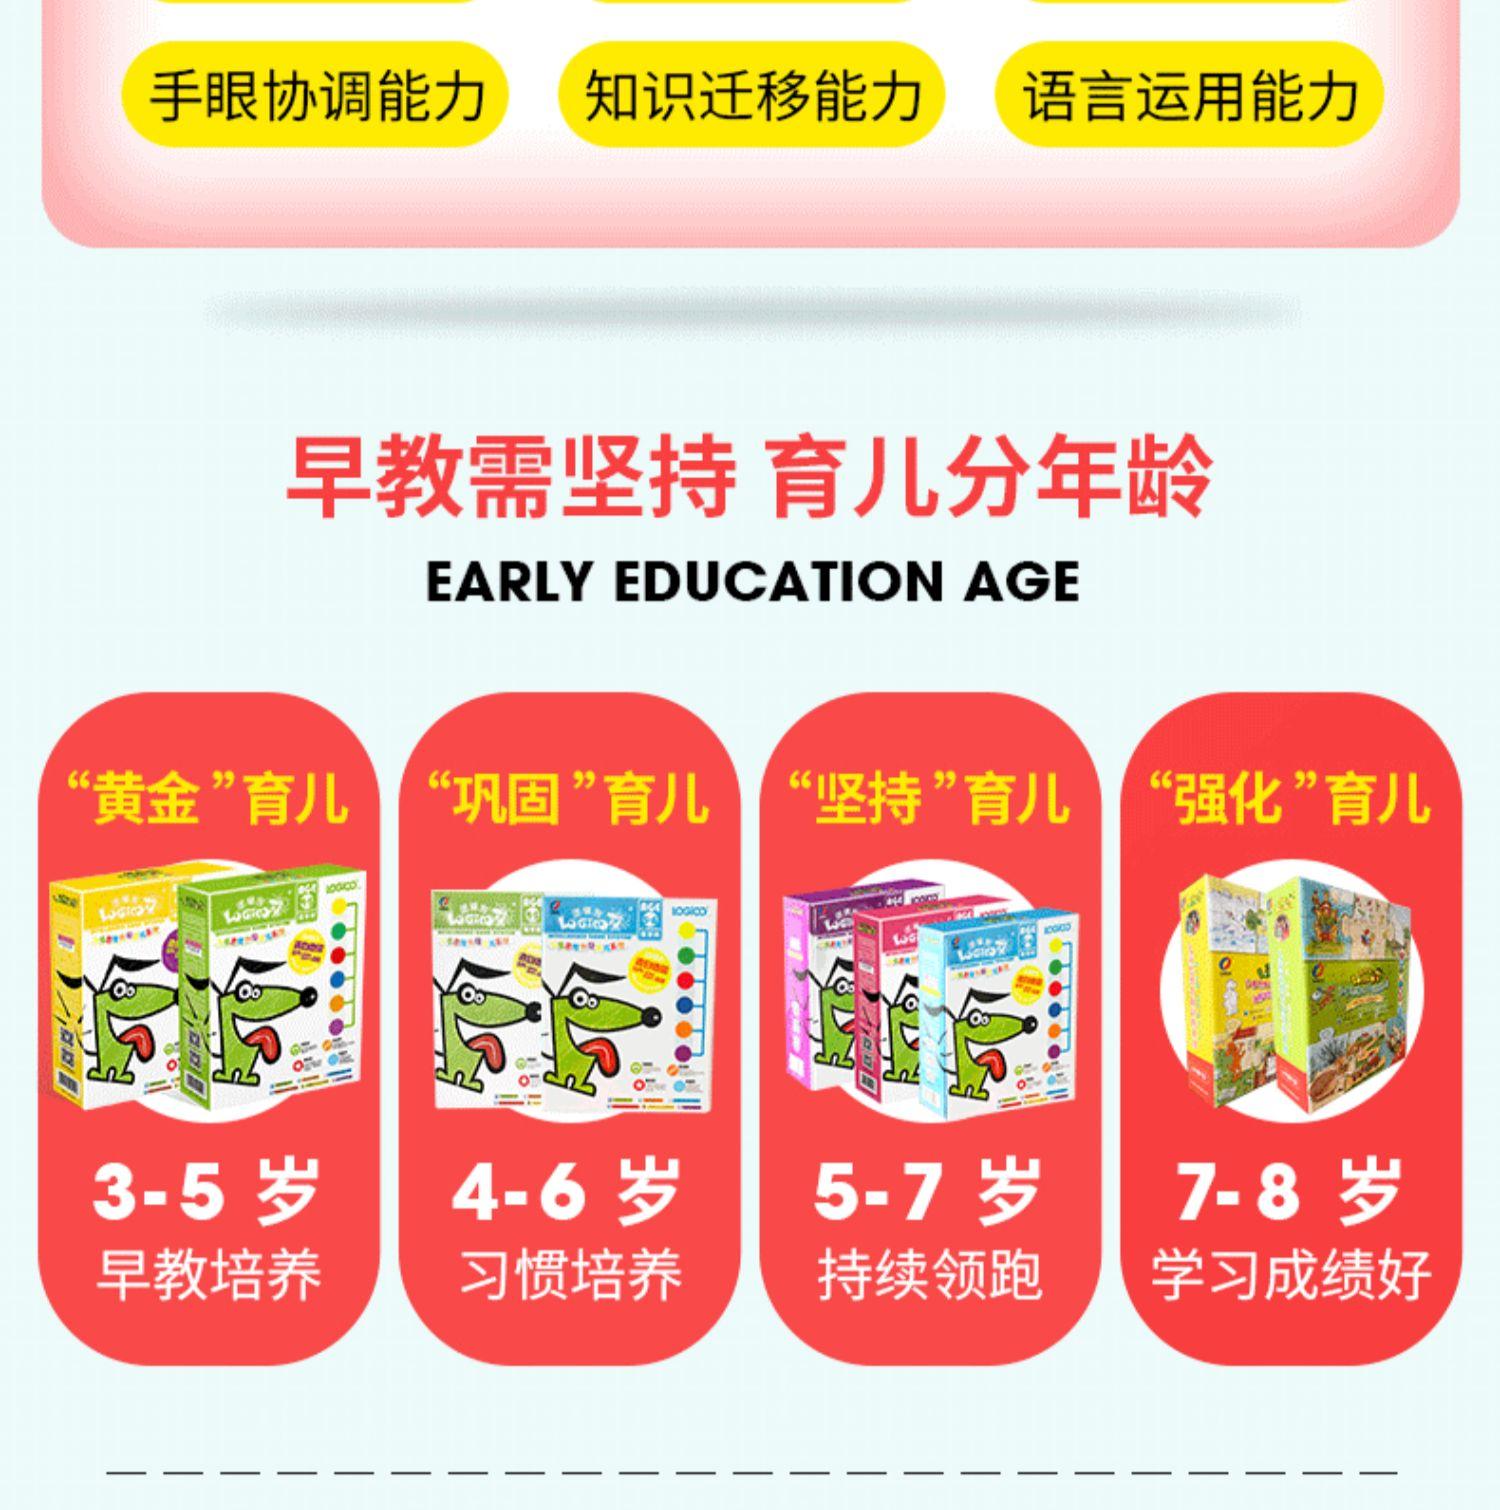 【女王节预售】逻辑狗 3-7岁幼儿园家庭版早教益智玩具思维训练商品详情图